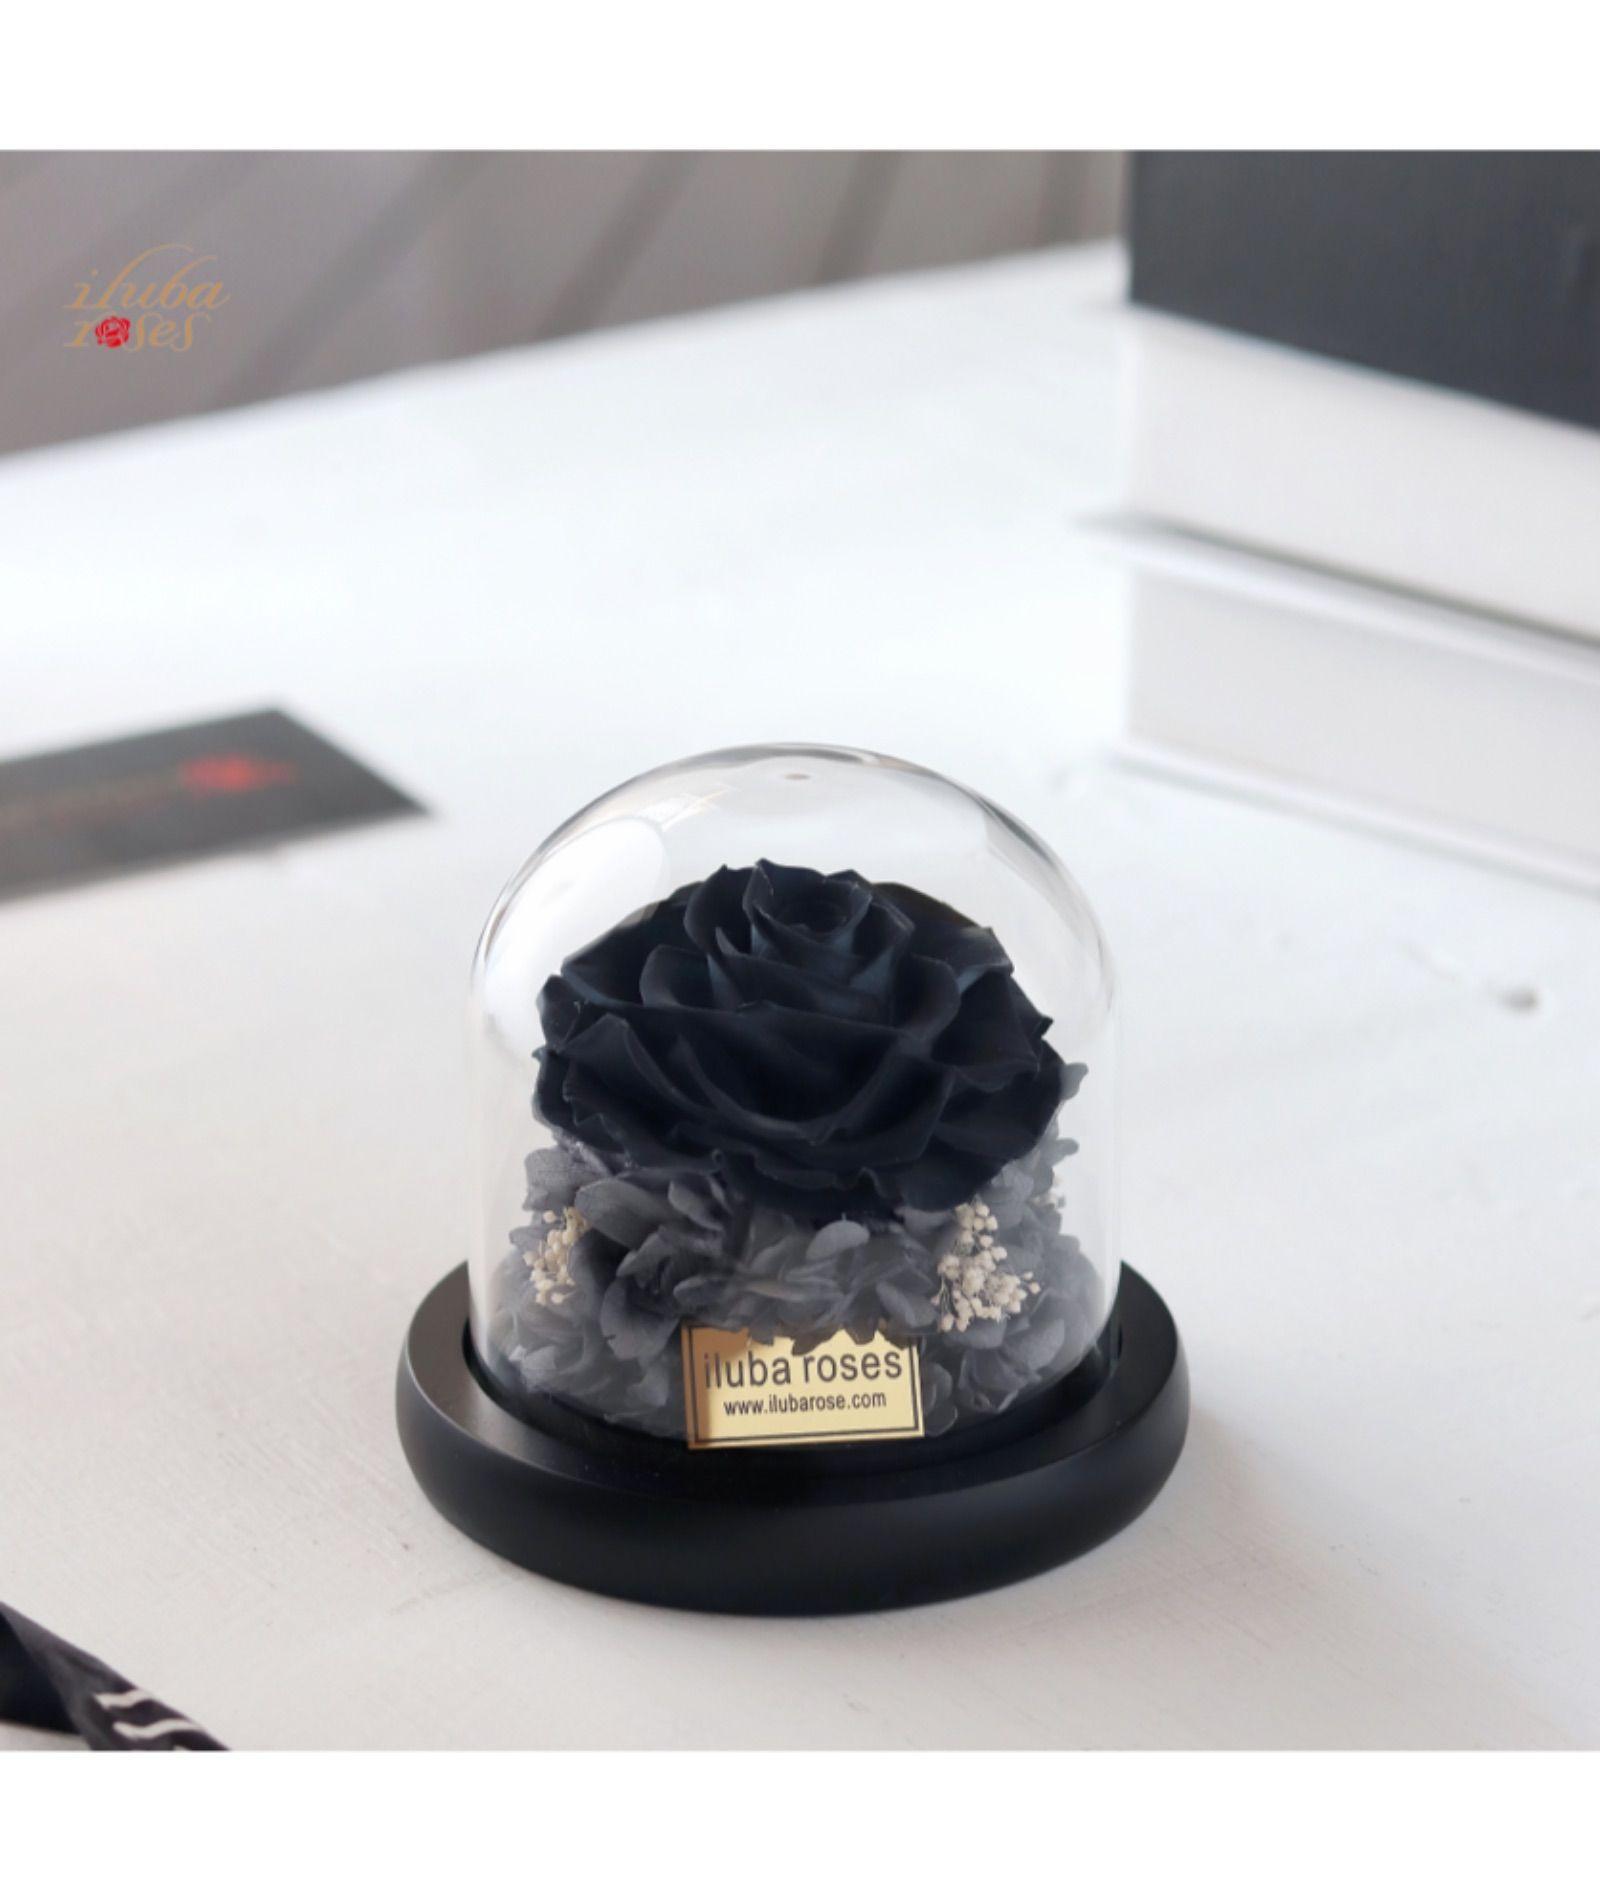 وردة ايلوبا روز اسود طبيعية دائمة داخل فازة زجاجية Food Desserts Cake